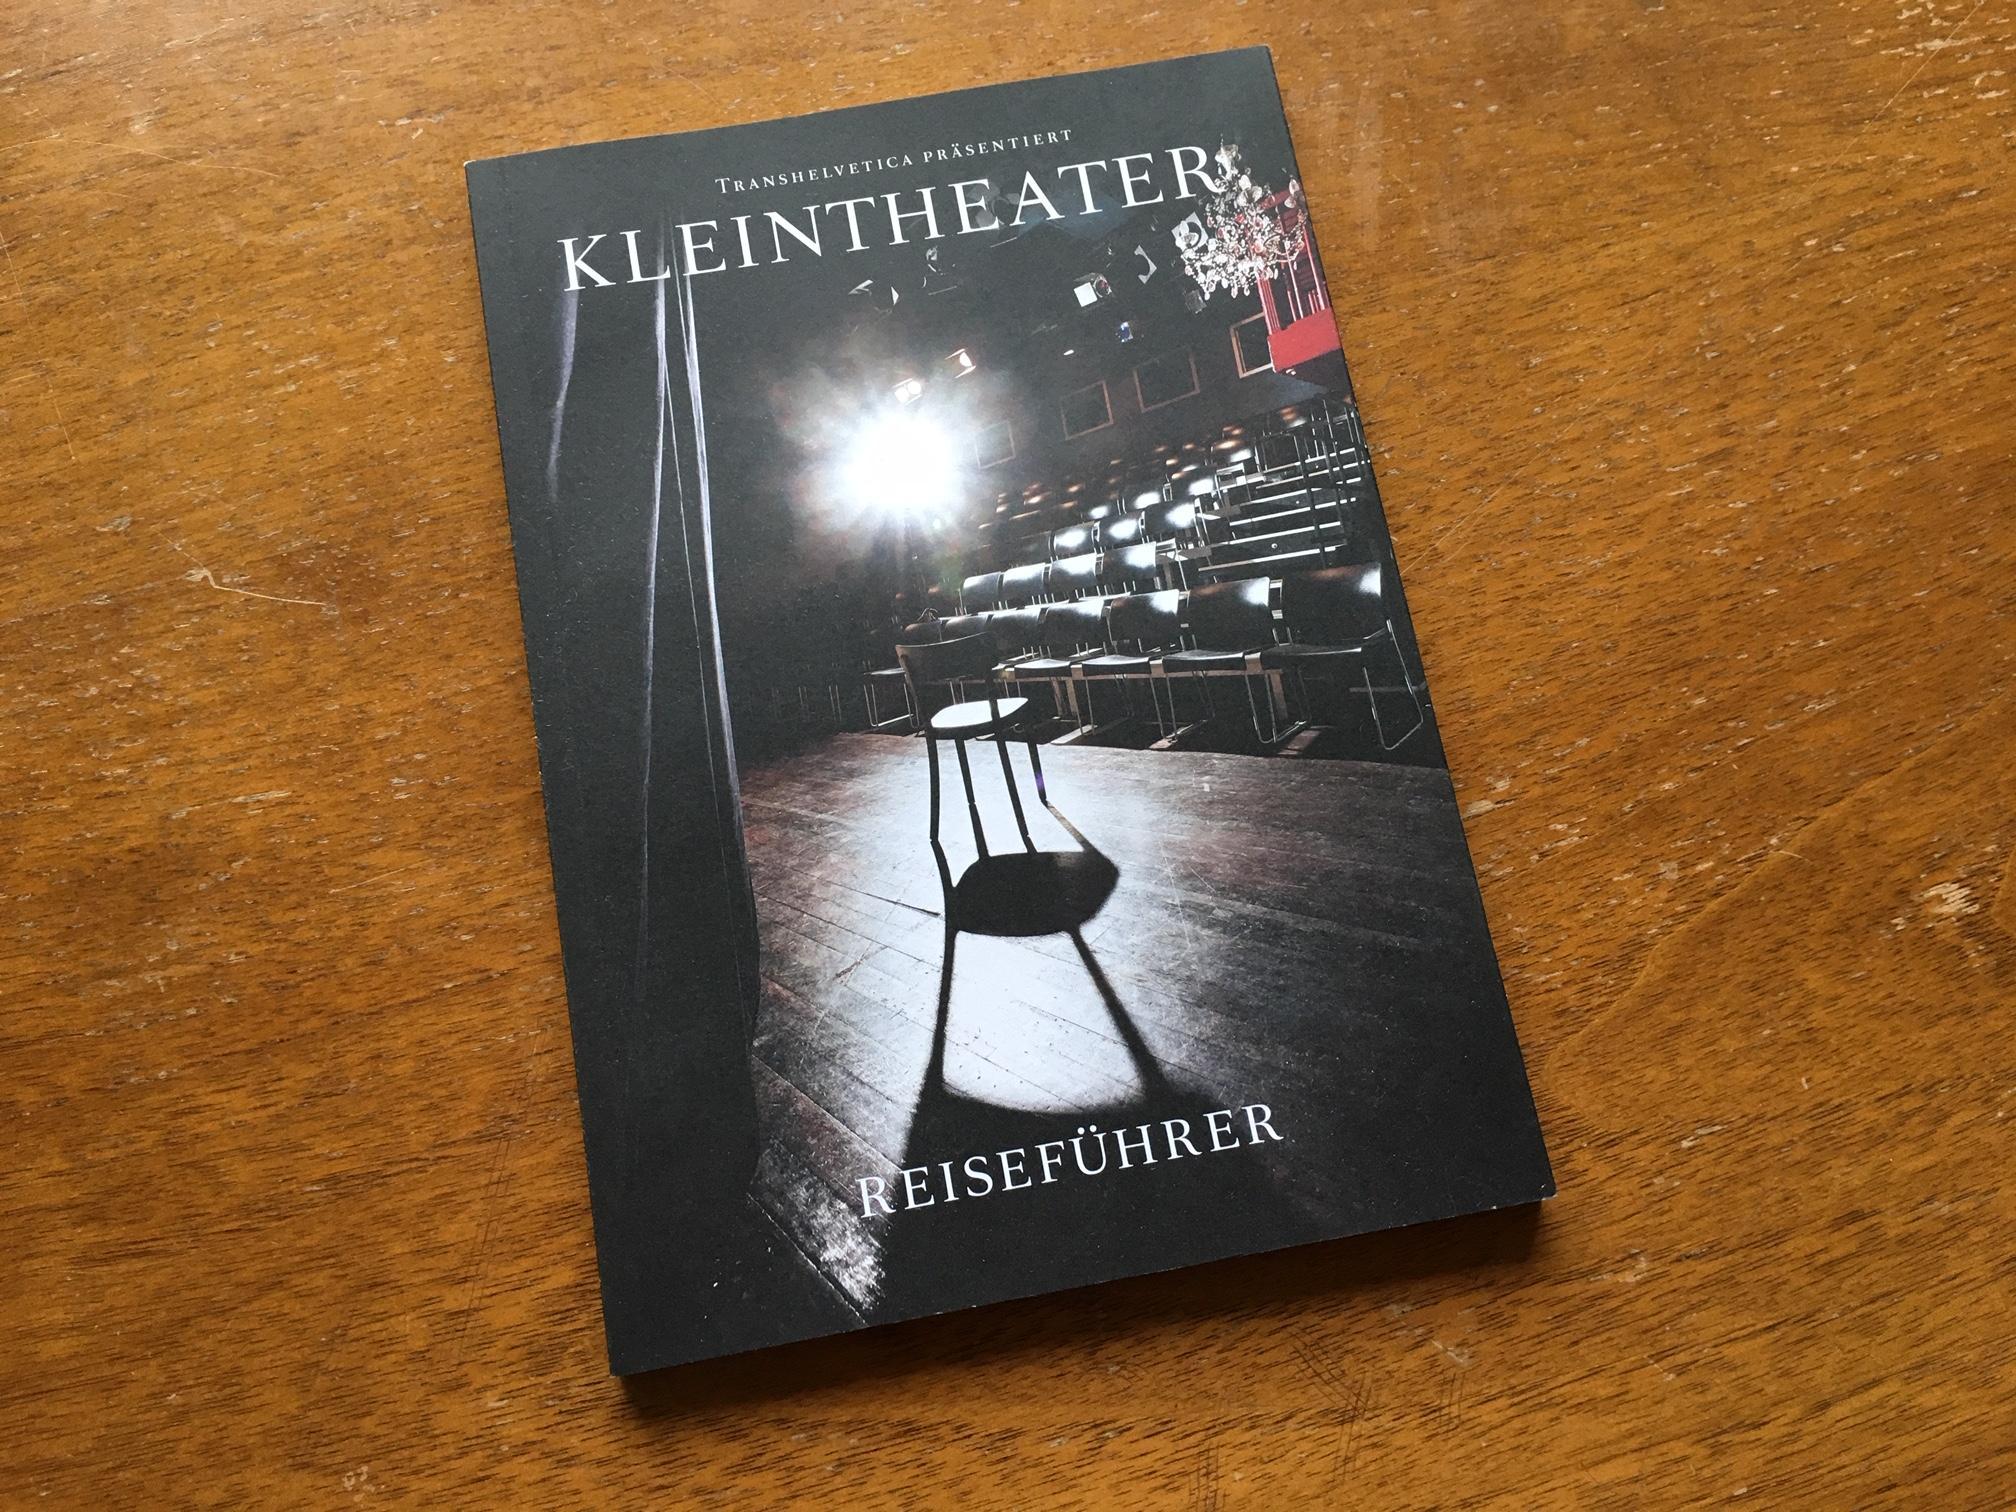 Kostenlos den Kleintheater-Reiseführer bei t. bestellen